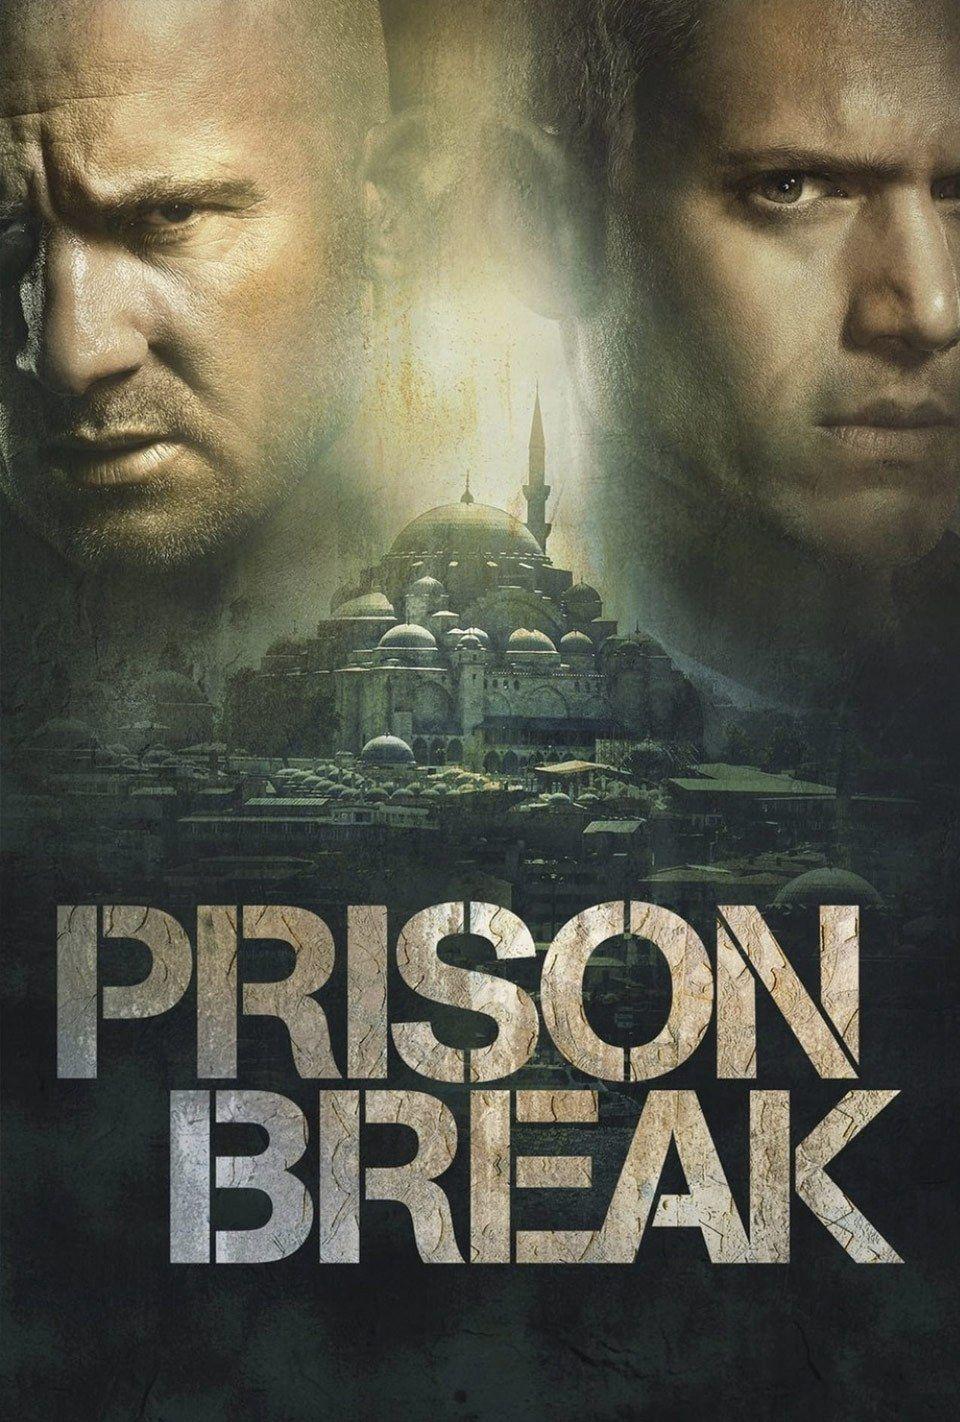 Read The Prison Break 101 Pilot 2005 Script Written By Paul Scheuring Watch Prison Break Prison Break Prison Break 5